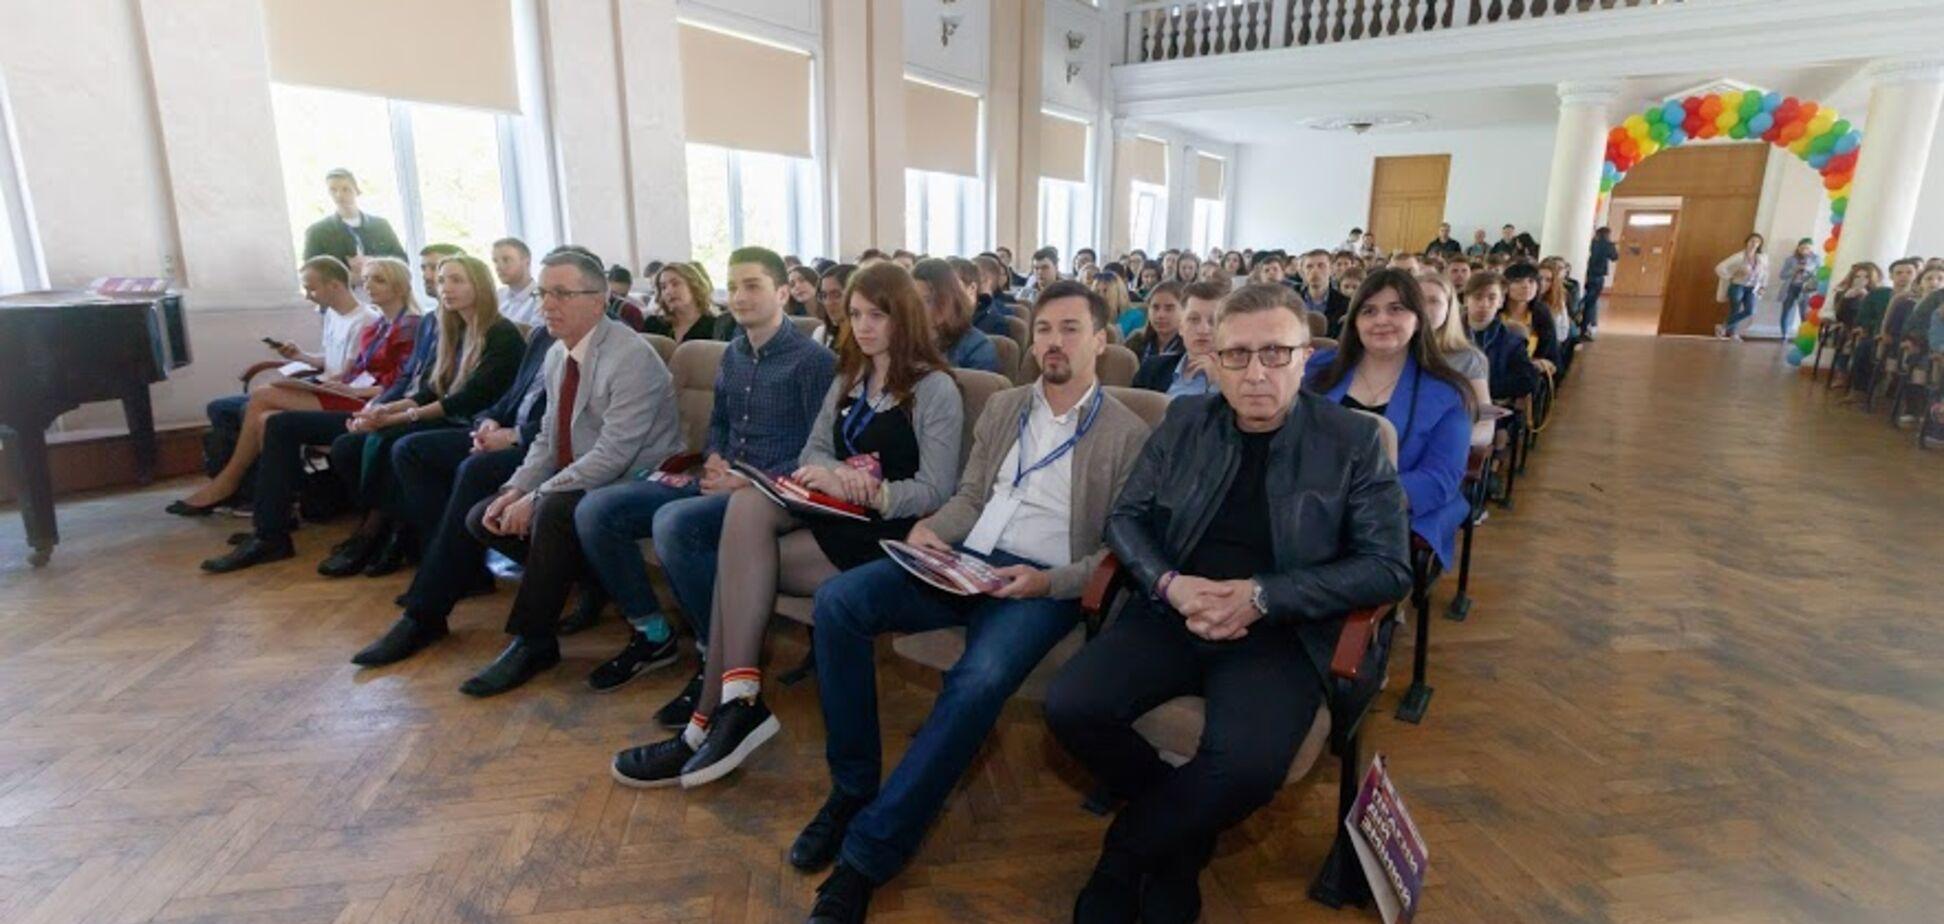 Форум 'Молодежь Днепра - 2018' собрал более полутысячи участников со всей страны